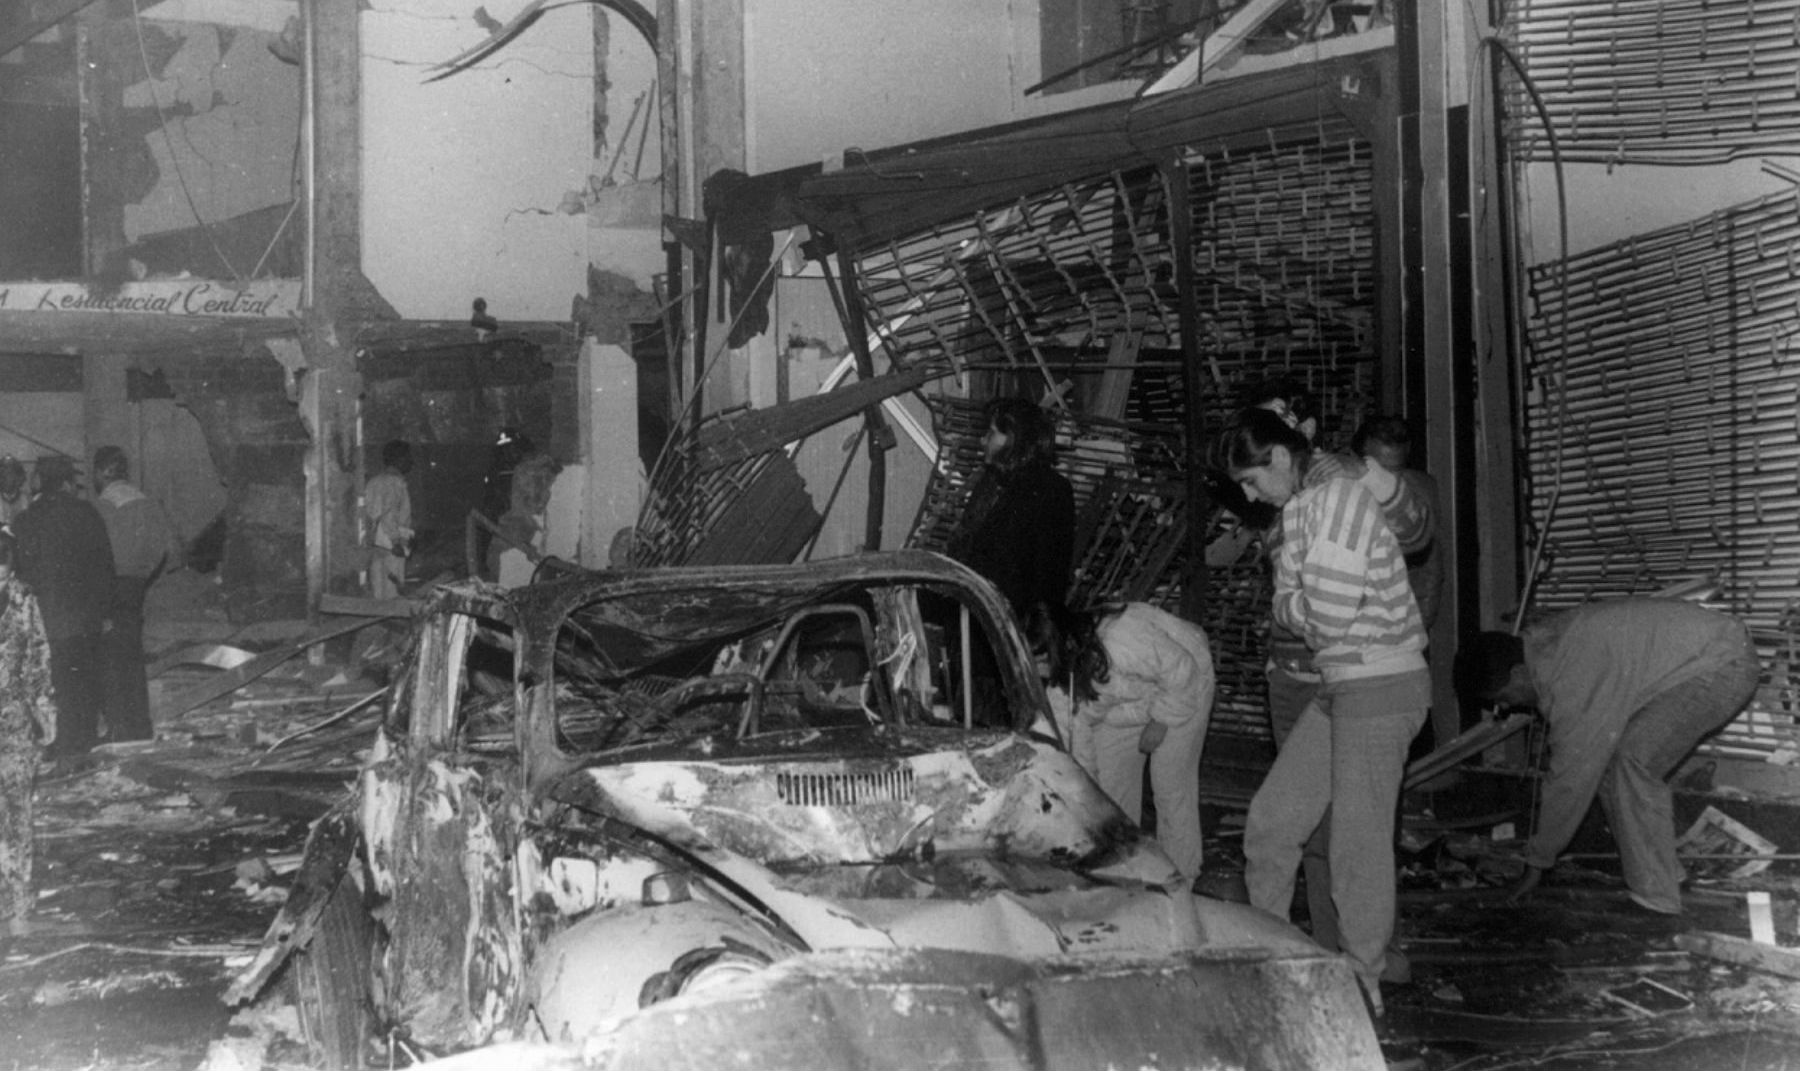 Han pasado más de 24 años desde que dos coches bomba cargados de dinamita estallaron en pleno centro del distrito limeño.